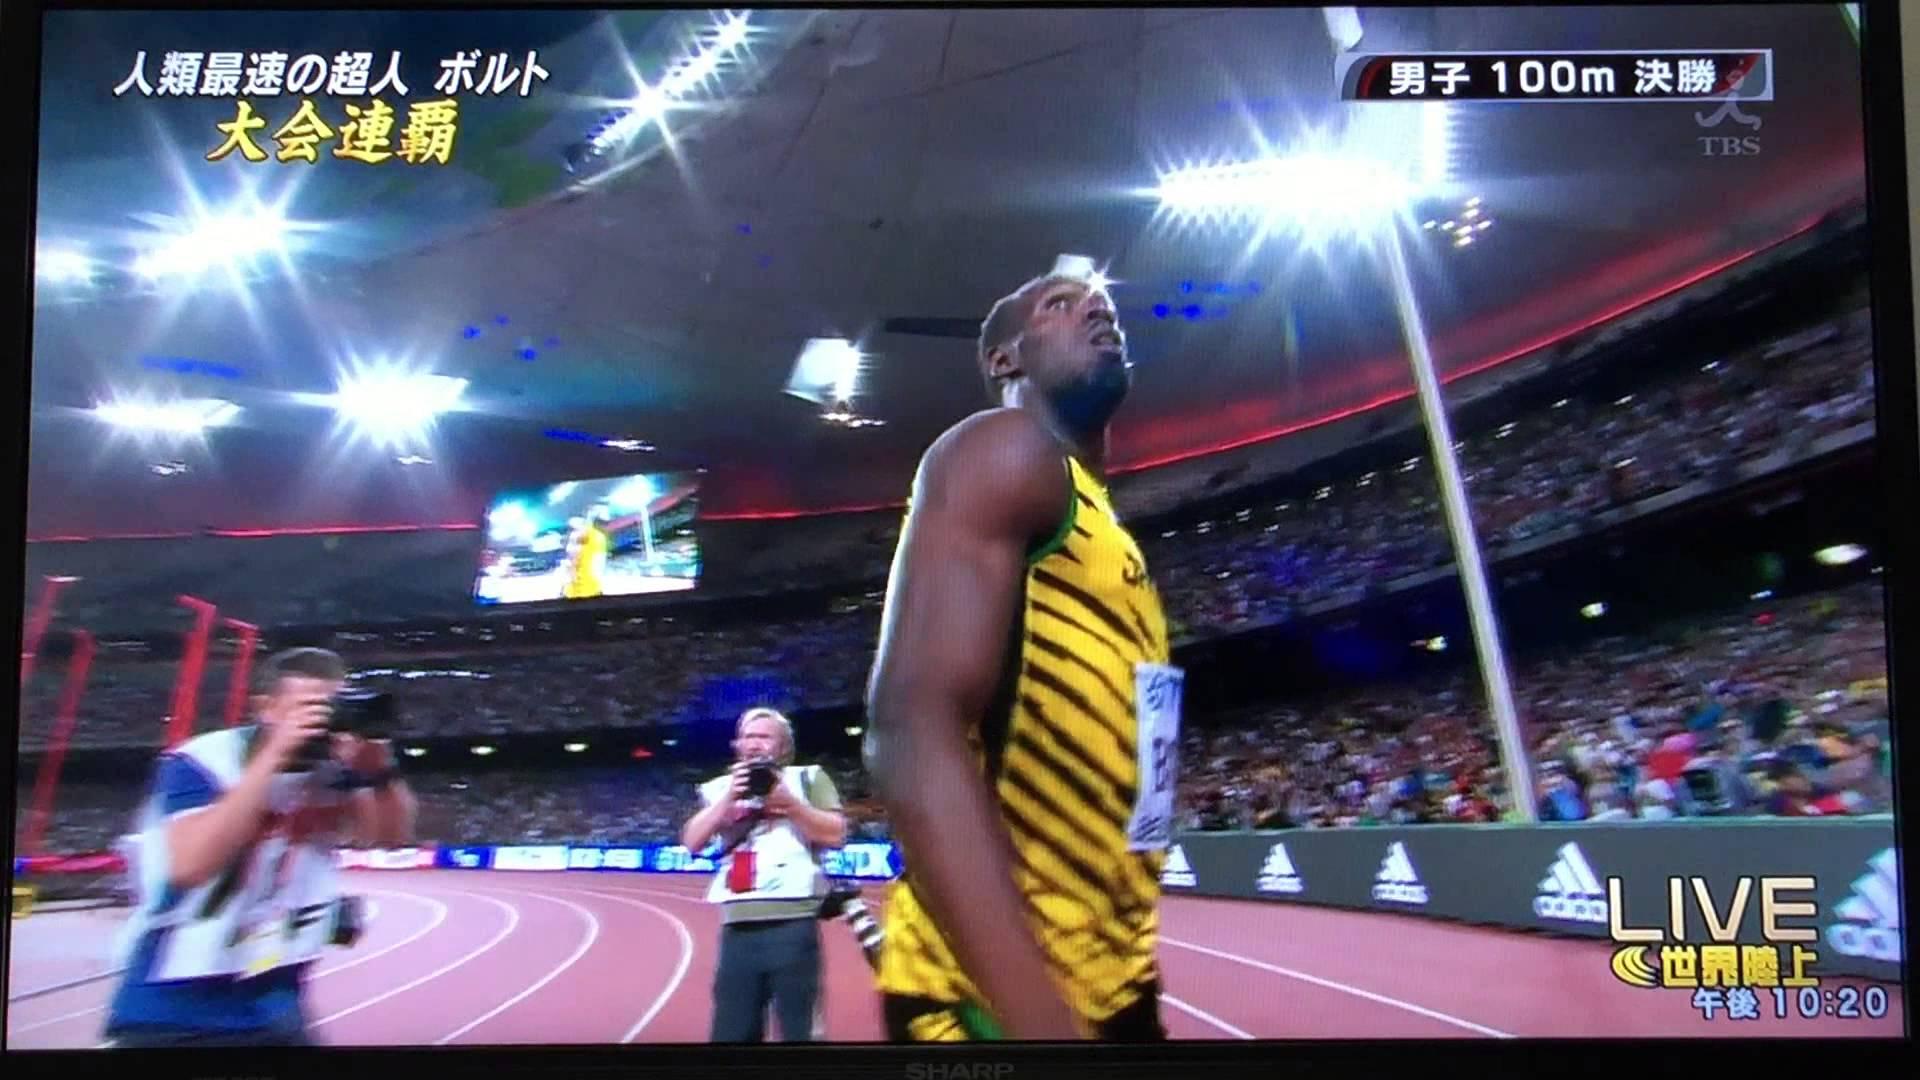 【世界陸上北京 2015】 男子100m決勝 ウサイン・ボルト